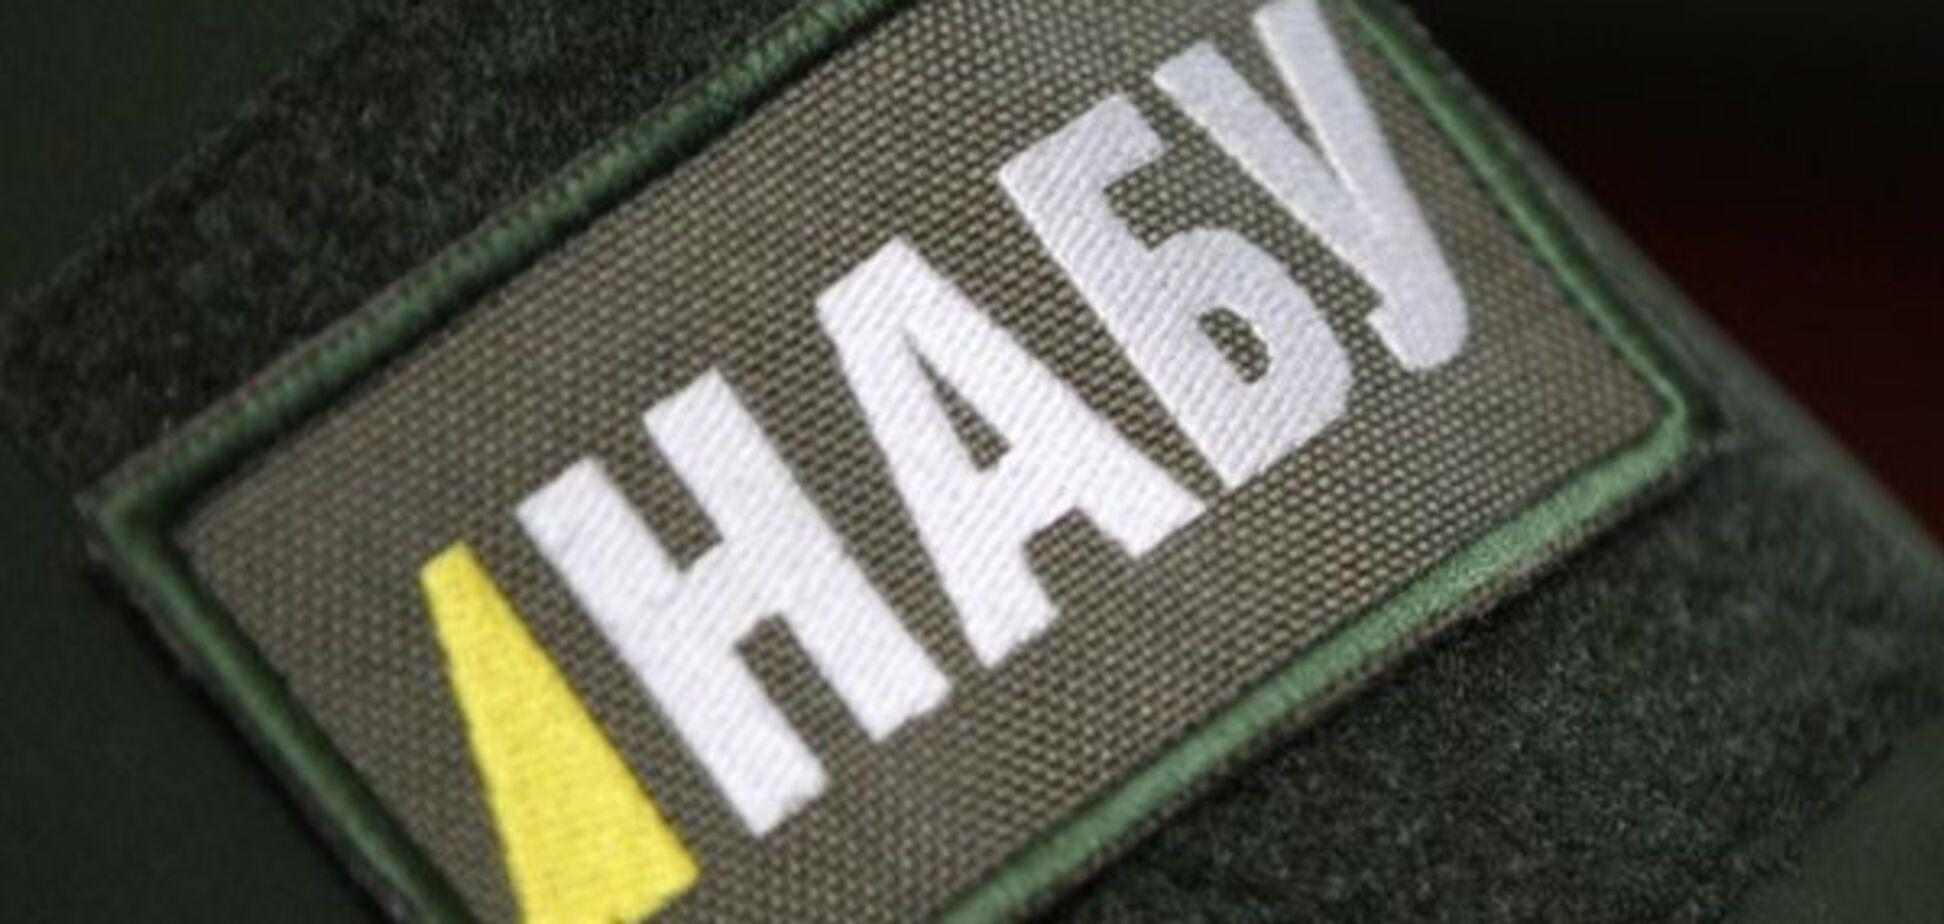 САП та НАБУ розпочали досудове розслідування по незаконному збагаченню нардепа від Опоблоку Сергія Льовочкіна